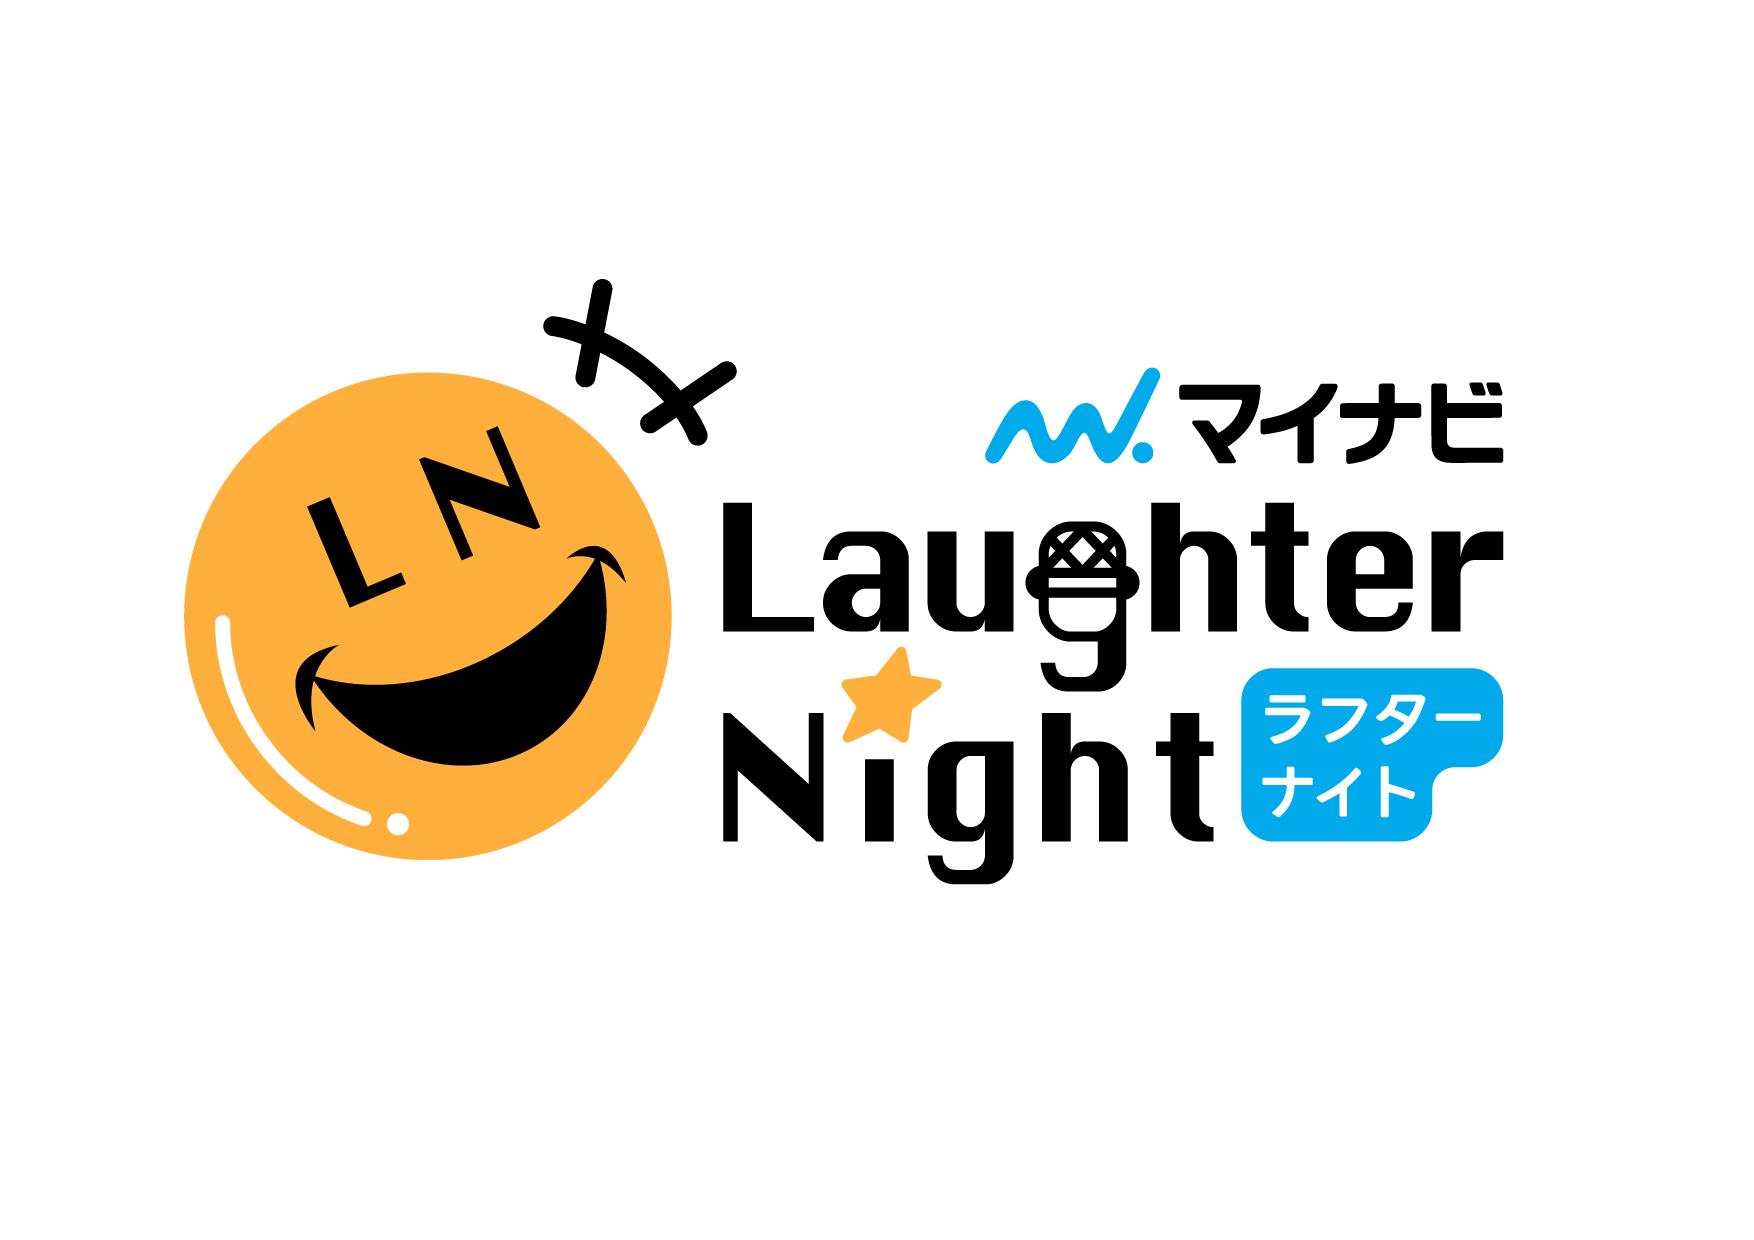 マイナビ Laughter Night オンエア争奪ライブ(公開録音)<12月>